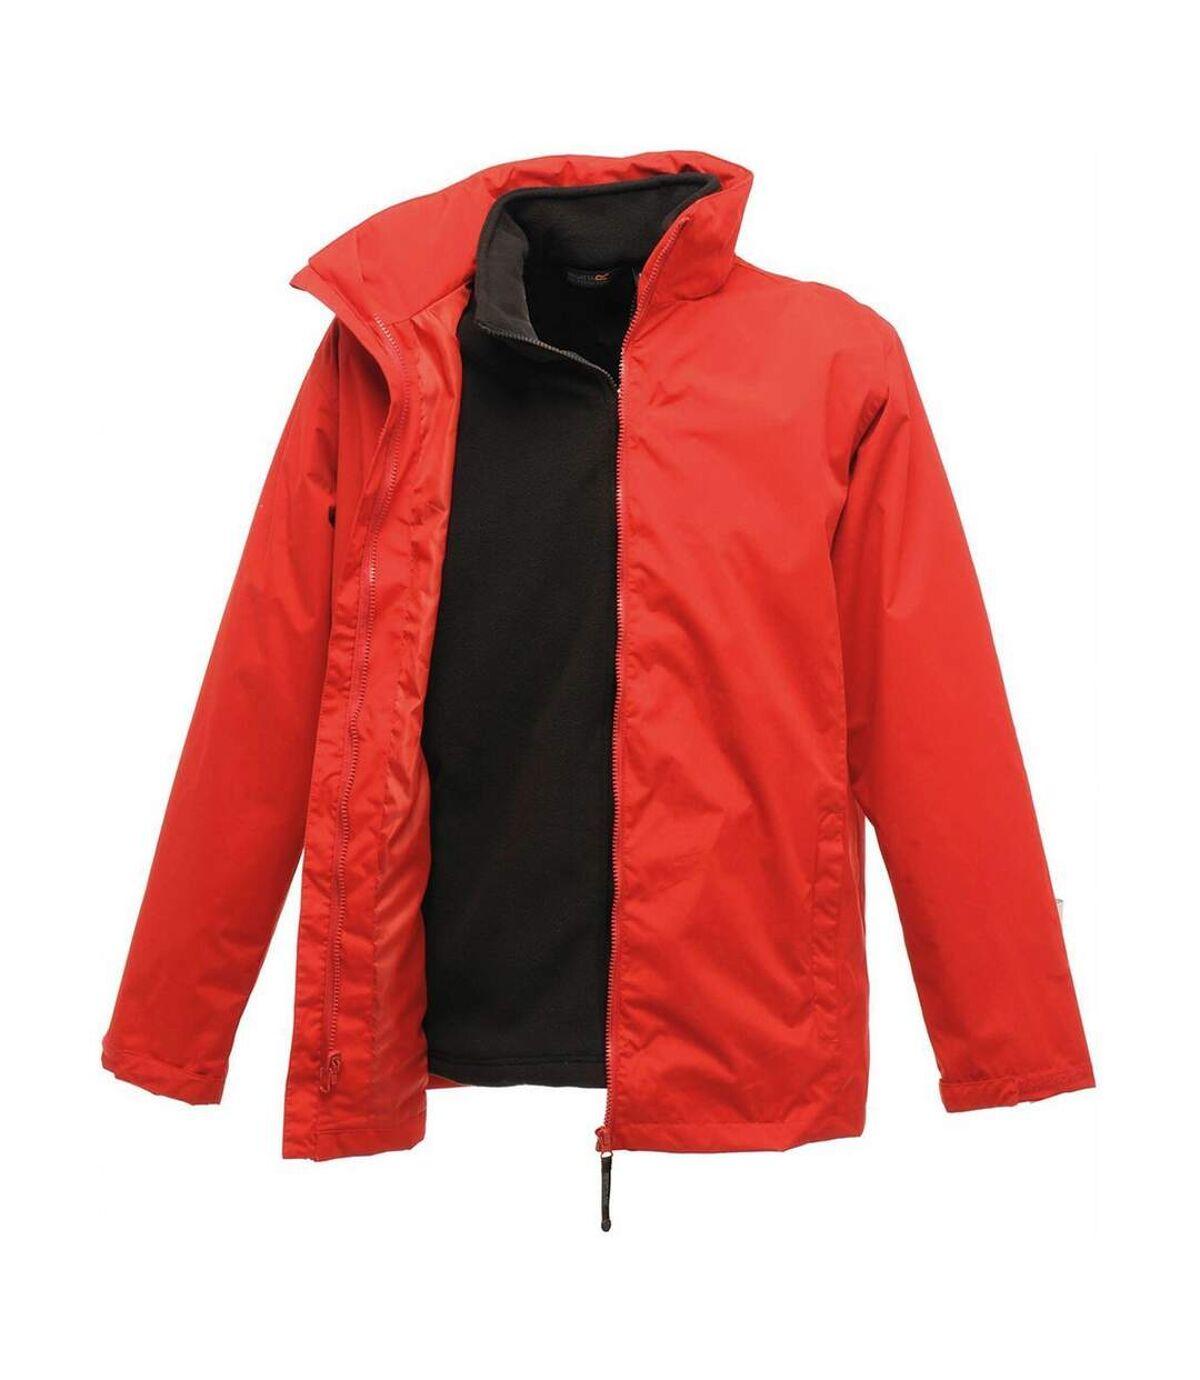 Parka veste imperméable 3 en 1 homme TRA150 - rouge